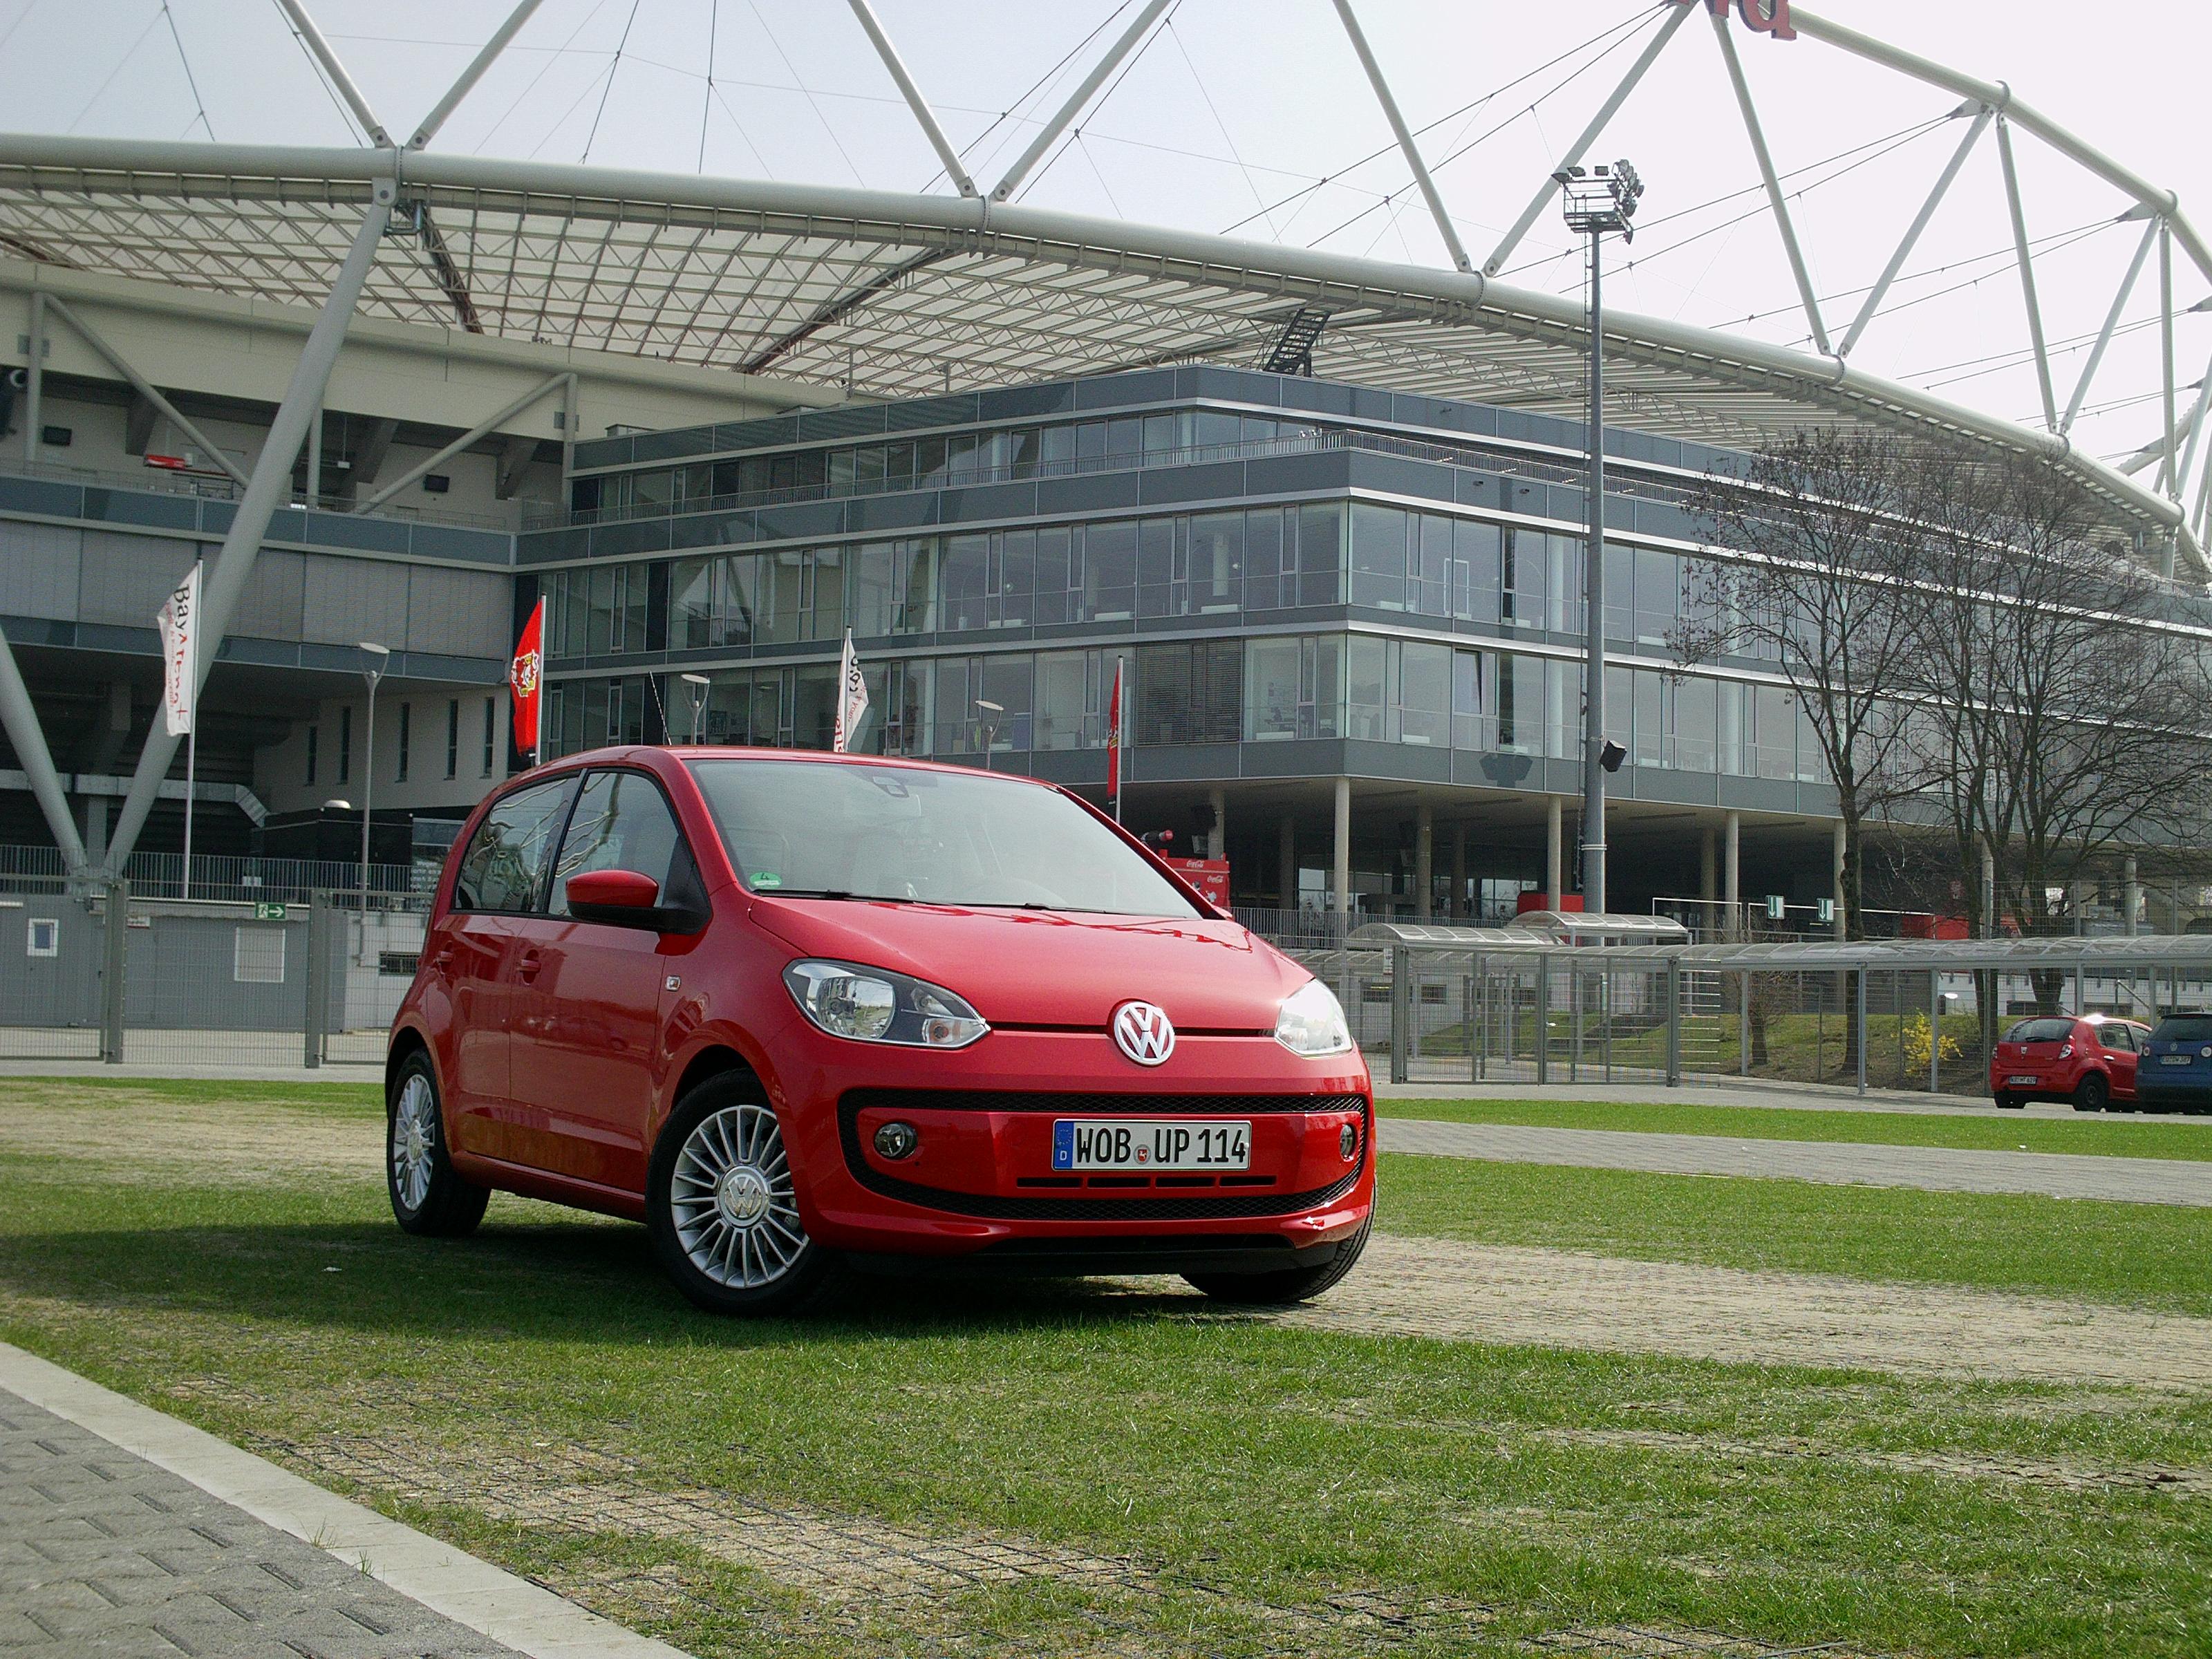 Volkswagen a regăsit mașina populară: mică, accesibilă, utilă